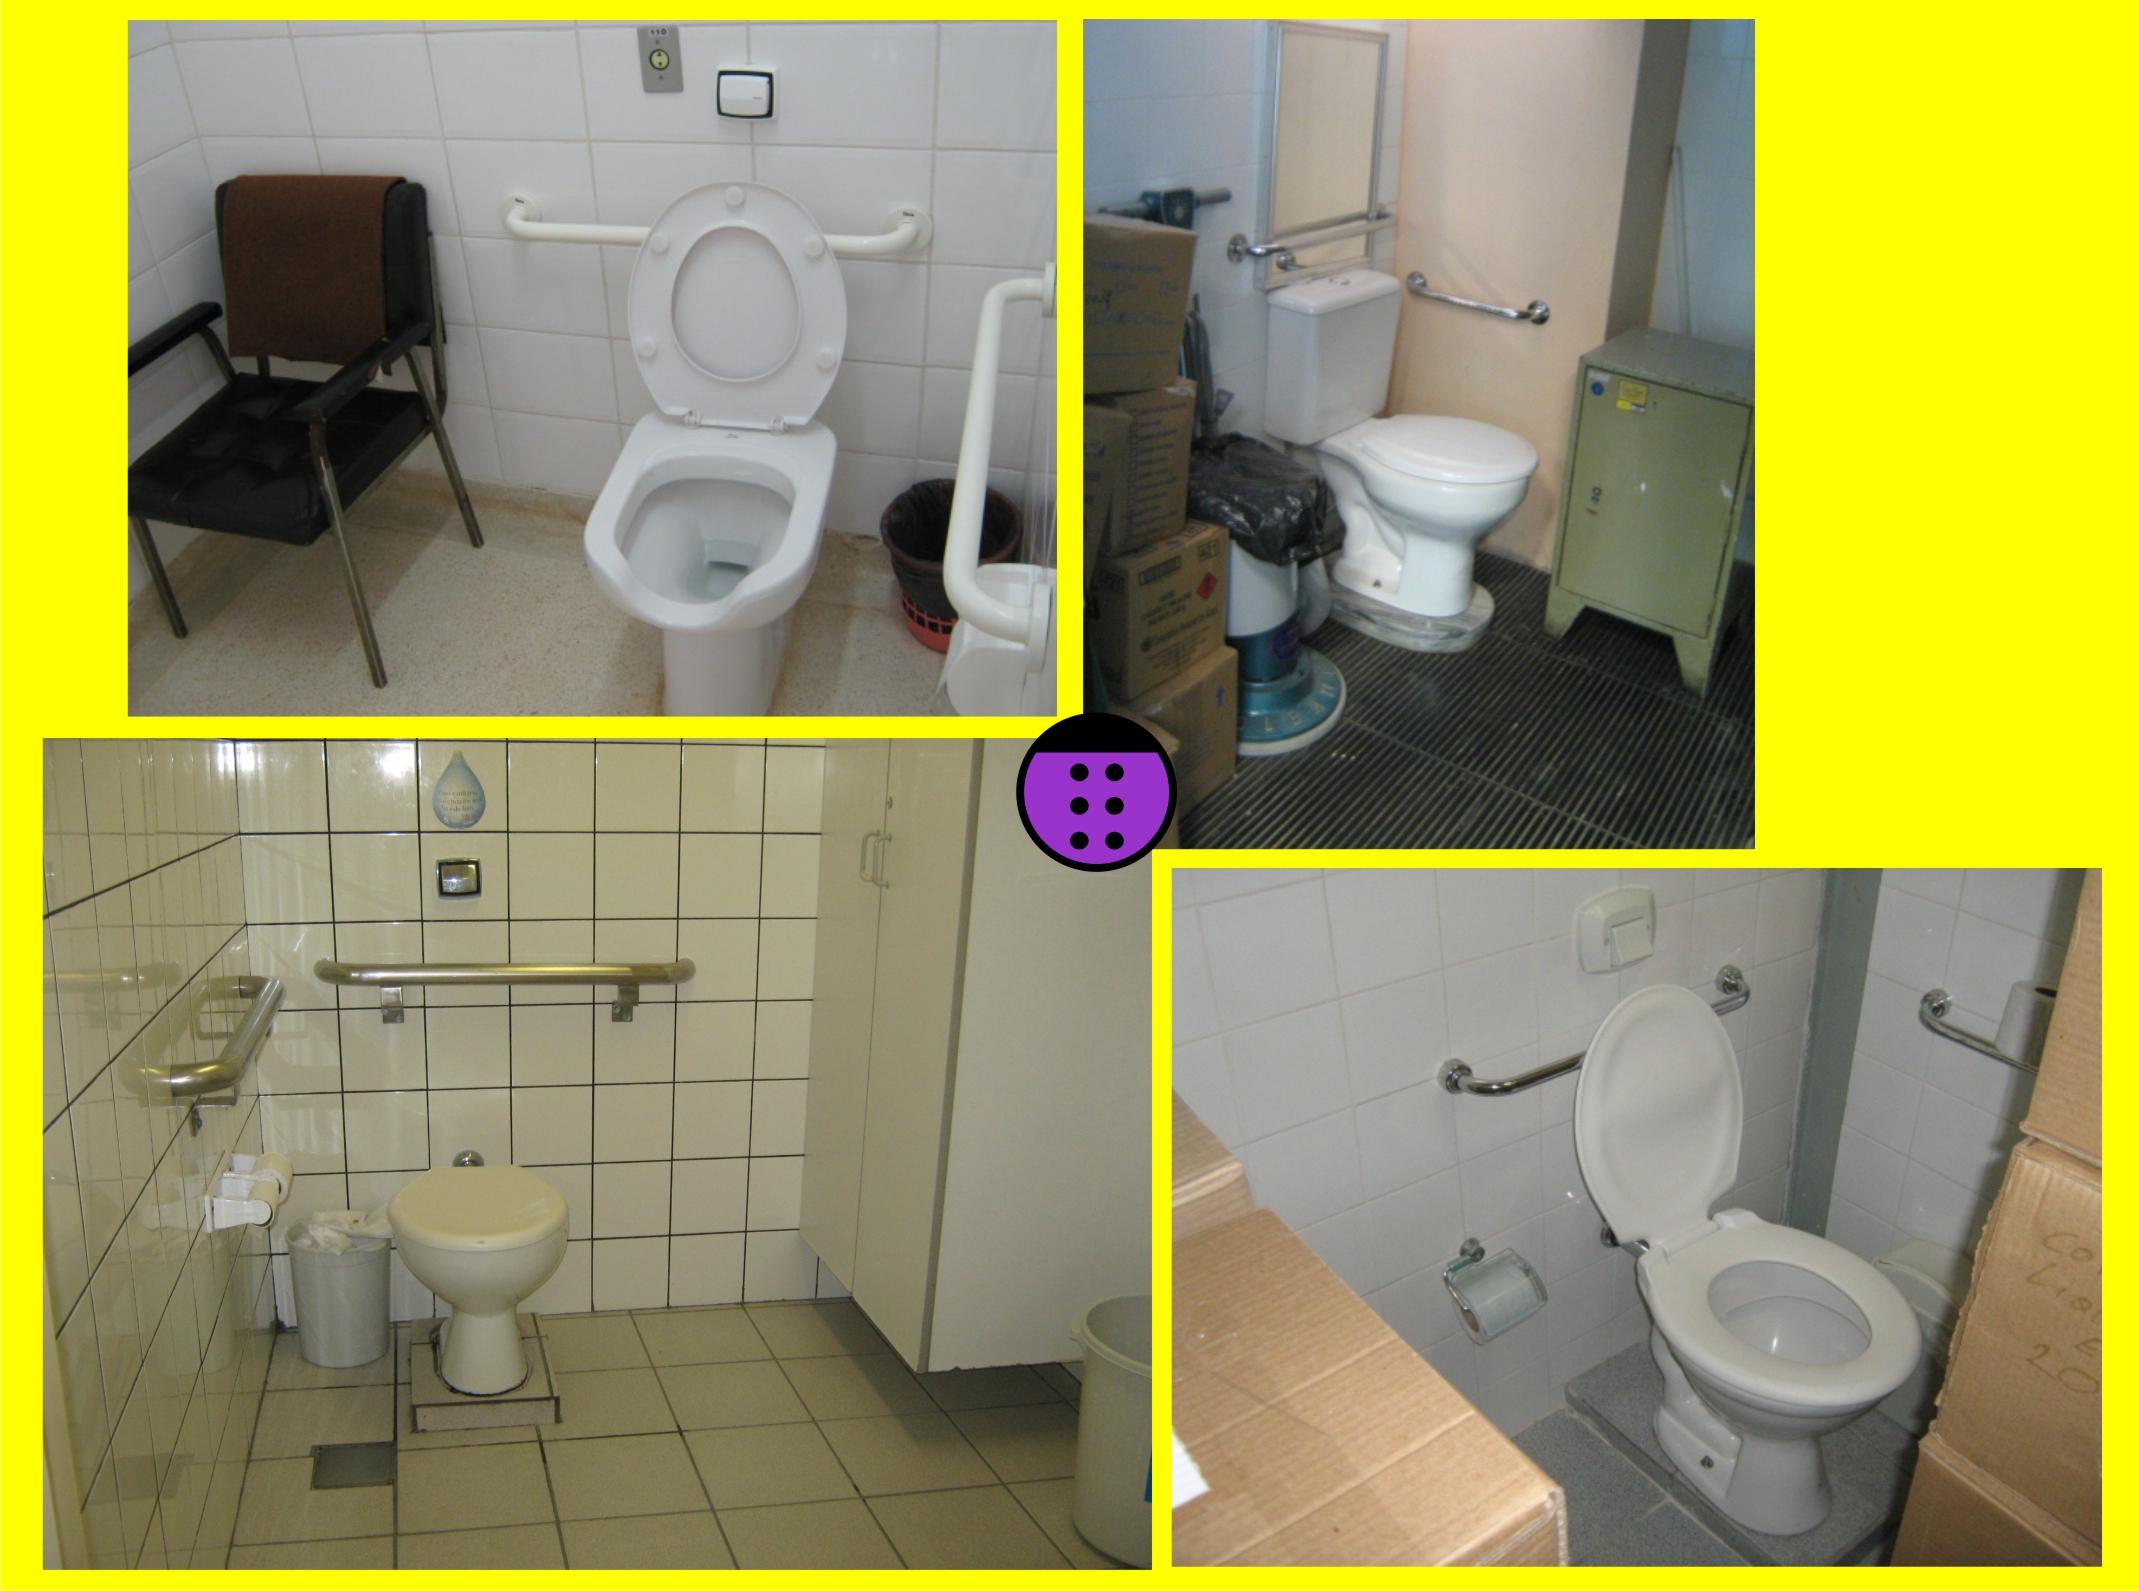 Imagens de #C8C703 Acessibilidade x Gestão Arquitetura Acessível 2139x1591 px 3570 Barras Para Banheiro Idosos